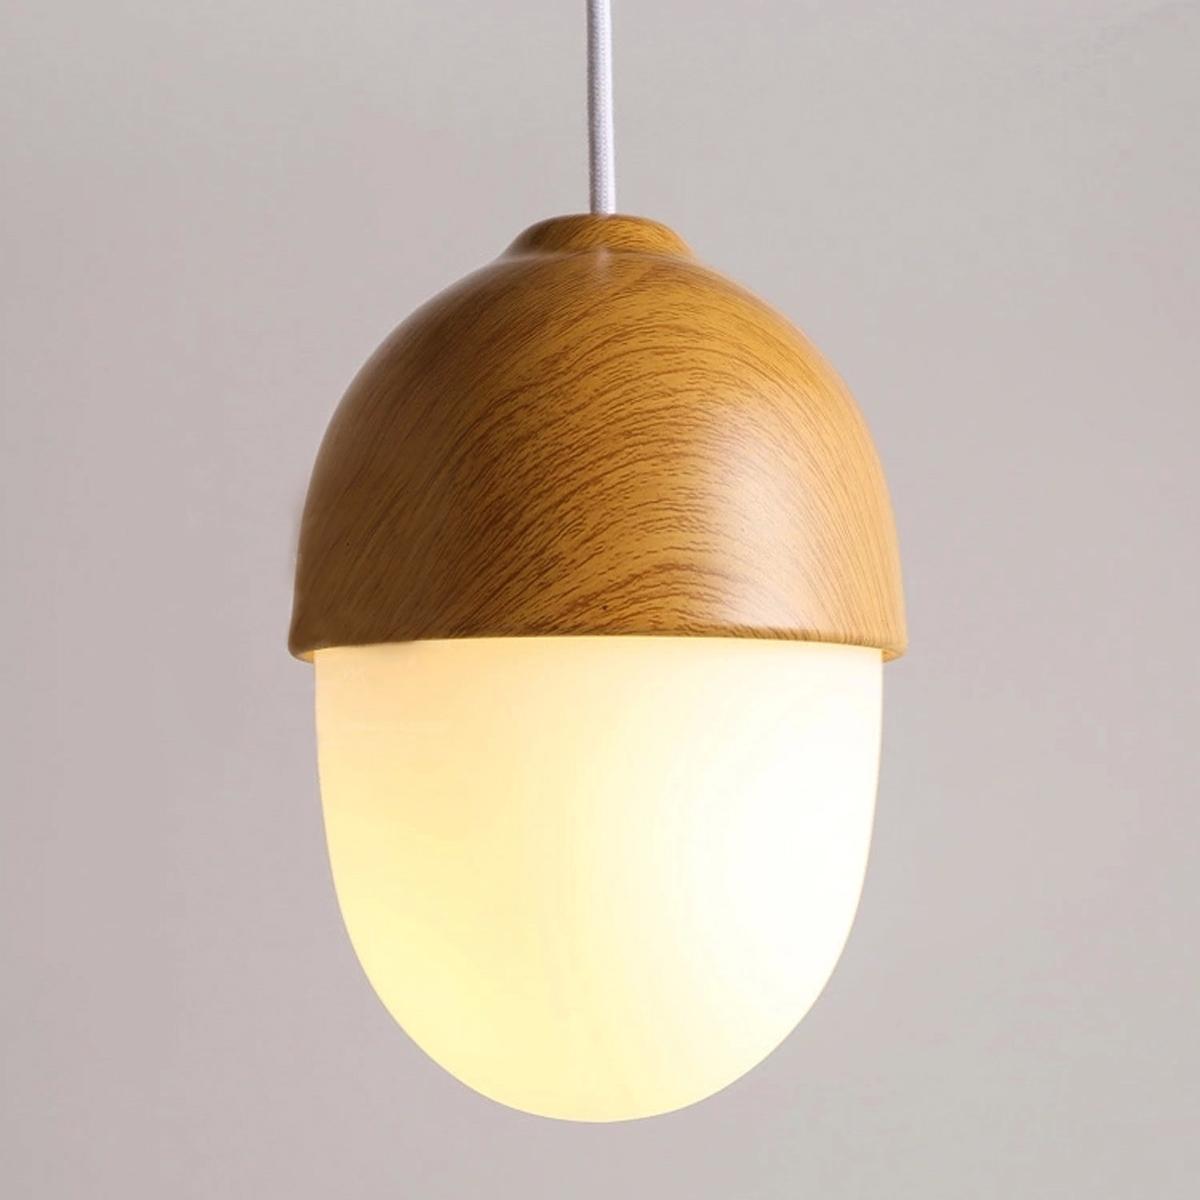 Moderne pendelleuchte nordic mutter form japan pendelleuchte vintage anhänger lampen esszimmer beleuchtung dekorchina